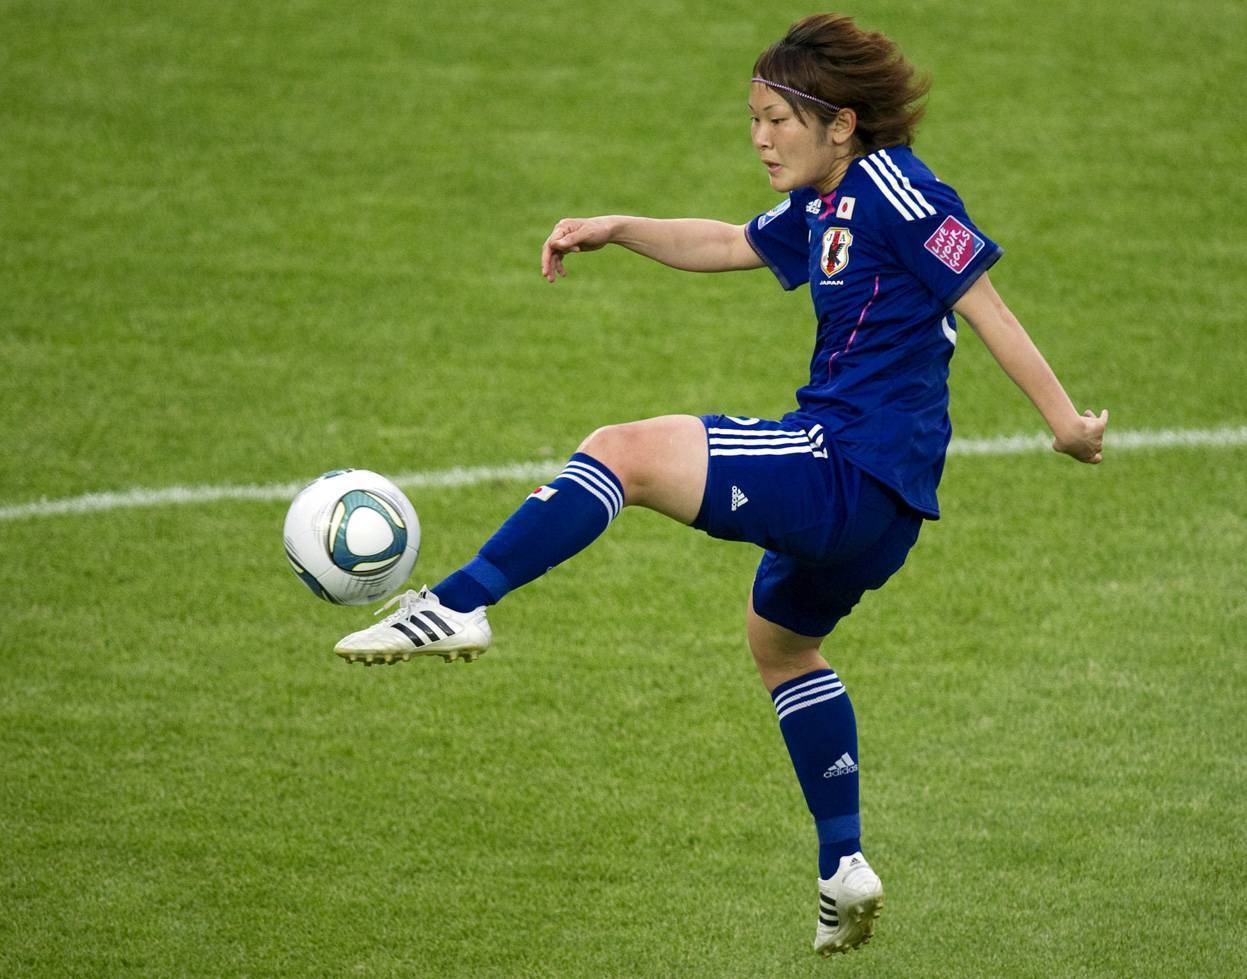 Как правильно бить по мячу в футболе? лучшие советы